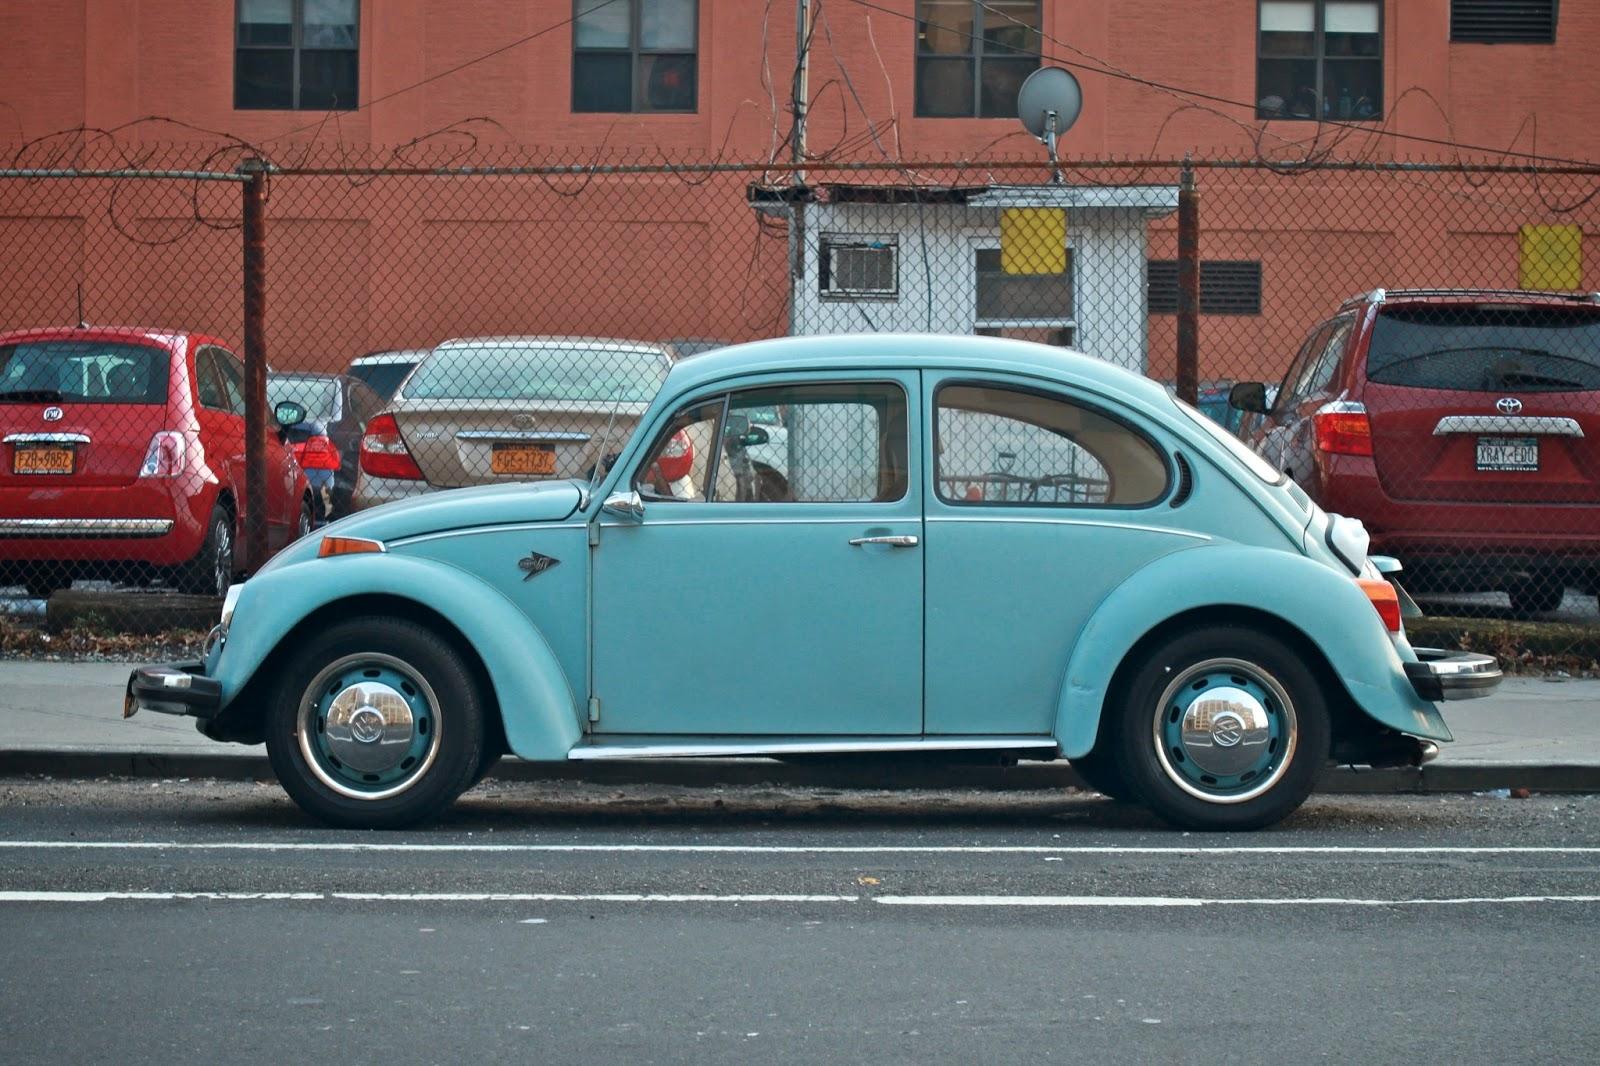 THE STREET PEEP: 1974 Volkswagen Beetle